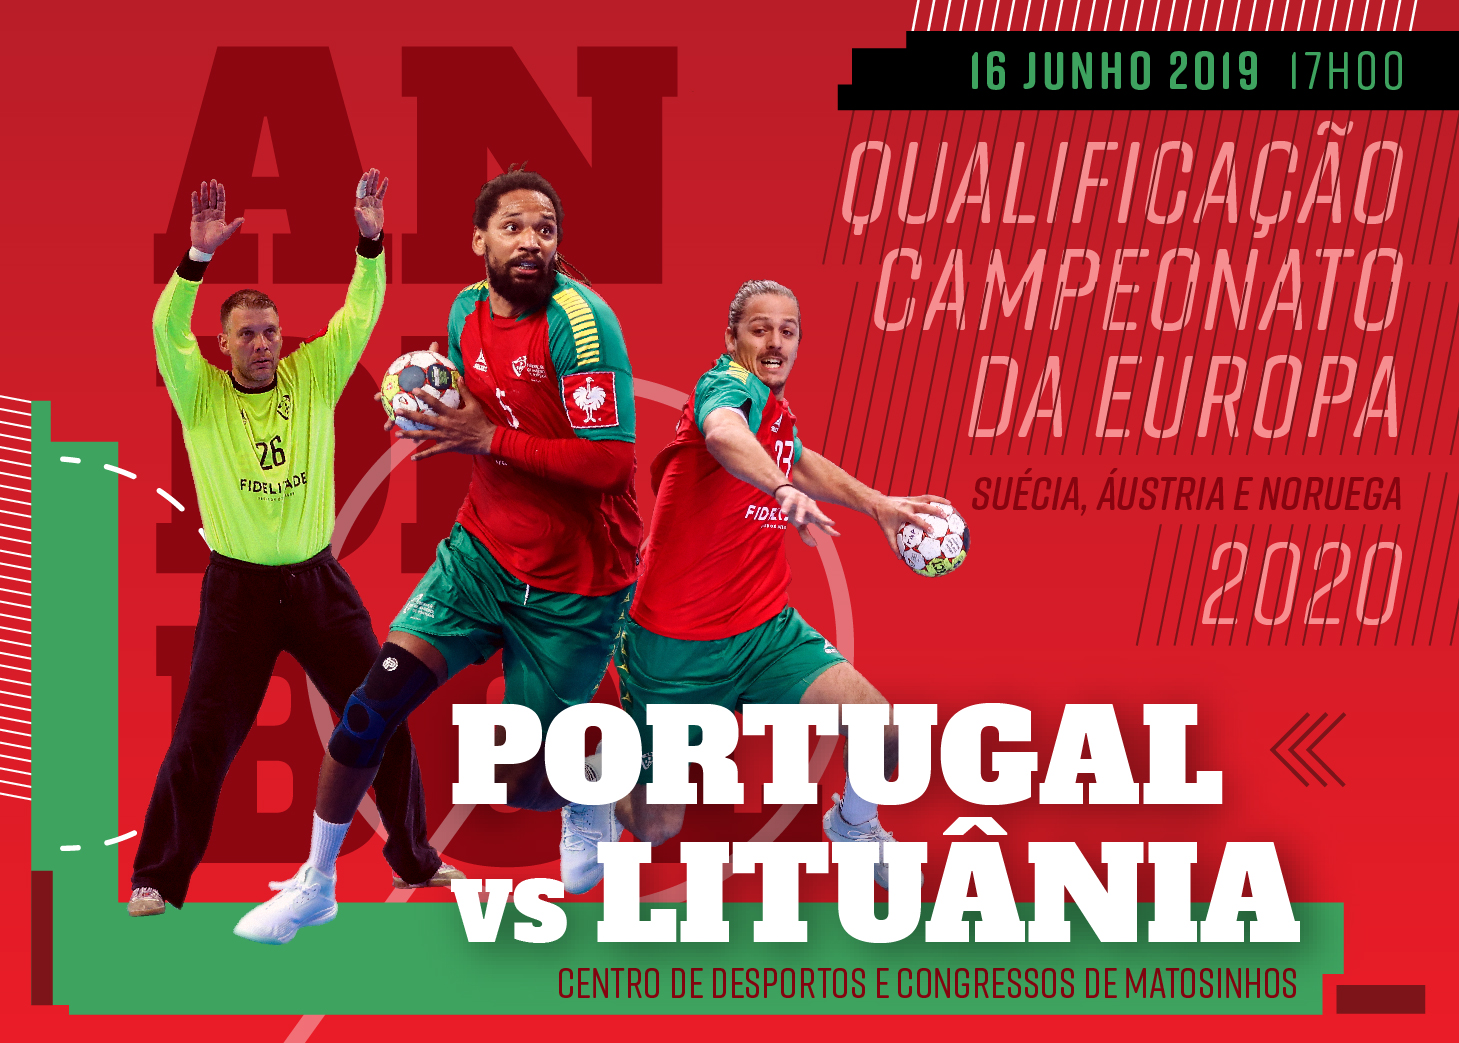 Cartaz Portugal : Lituânia - qualificação Campeonato da Europa 2020